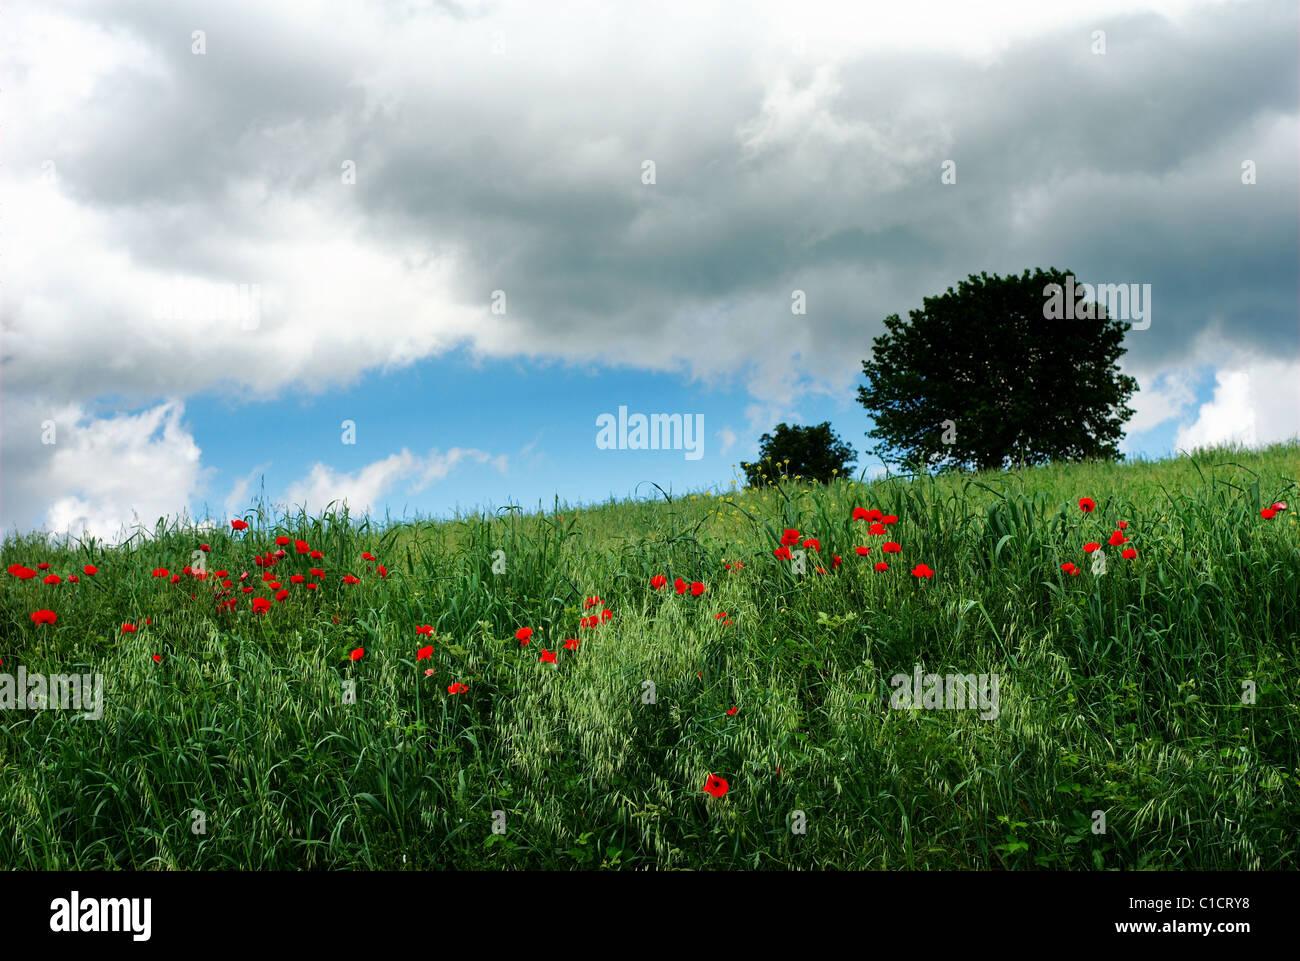 Tempête d'été nuages sur terrain avec fleurs de pavot rouge Photo Stock